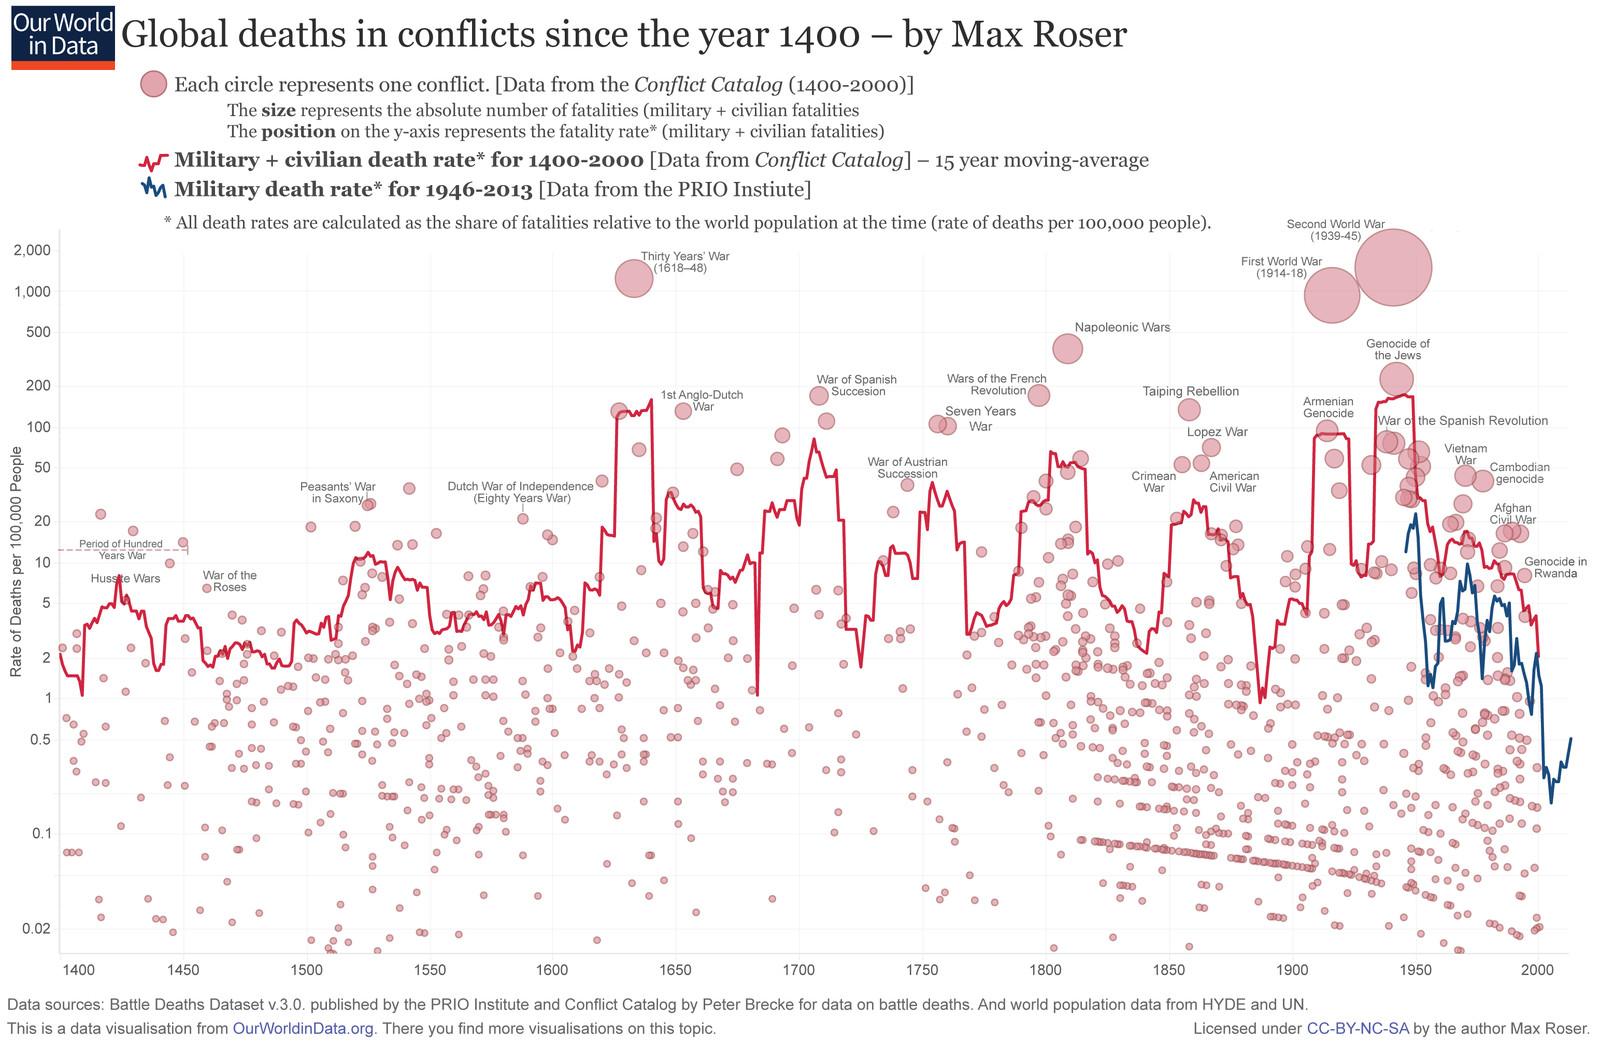 """""""Nombre de morts causées par des conflits dans le monde depuis 1400."""" Cliquez pour agrandir. (Crédit: Max Roser)"""